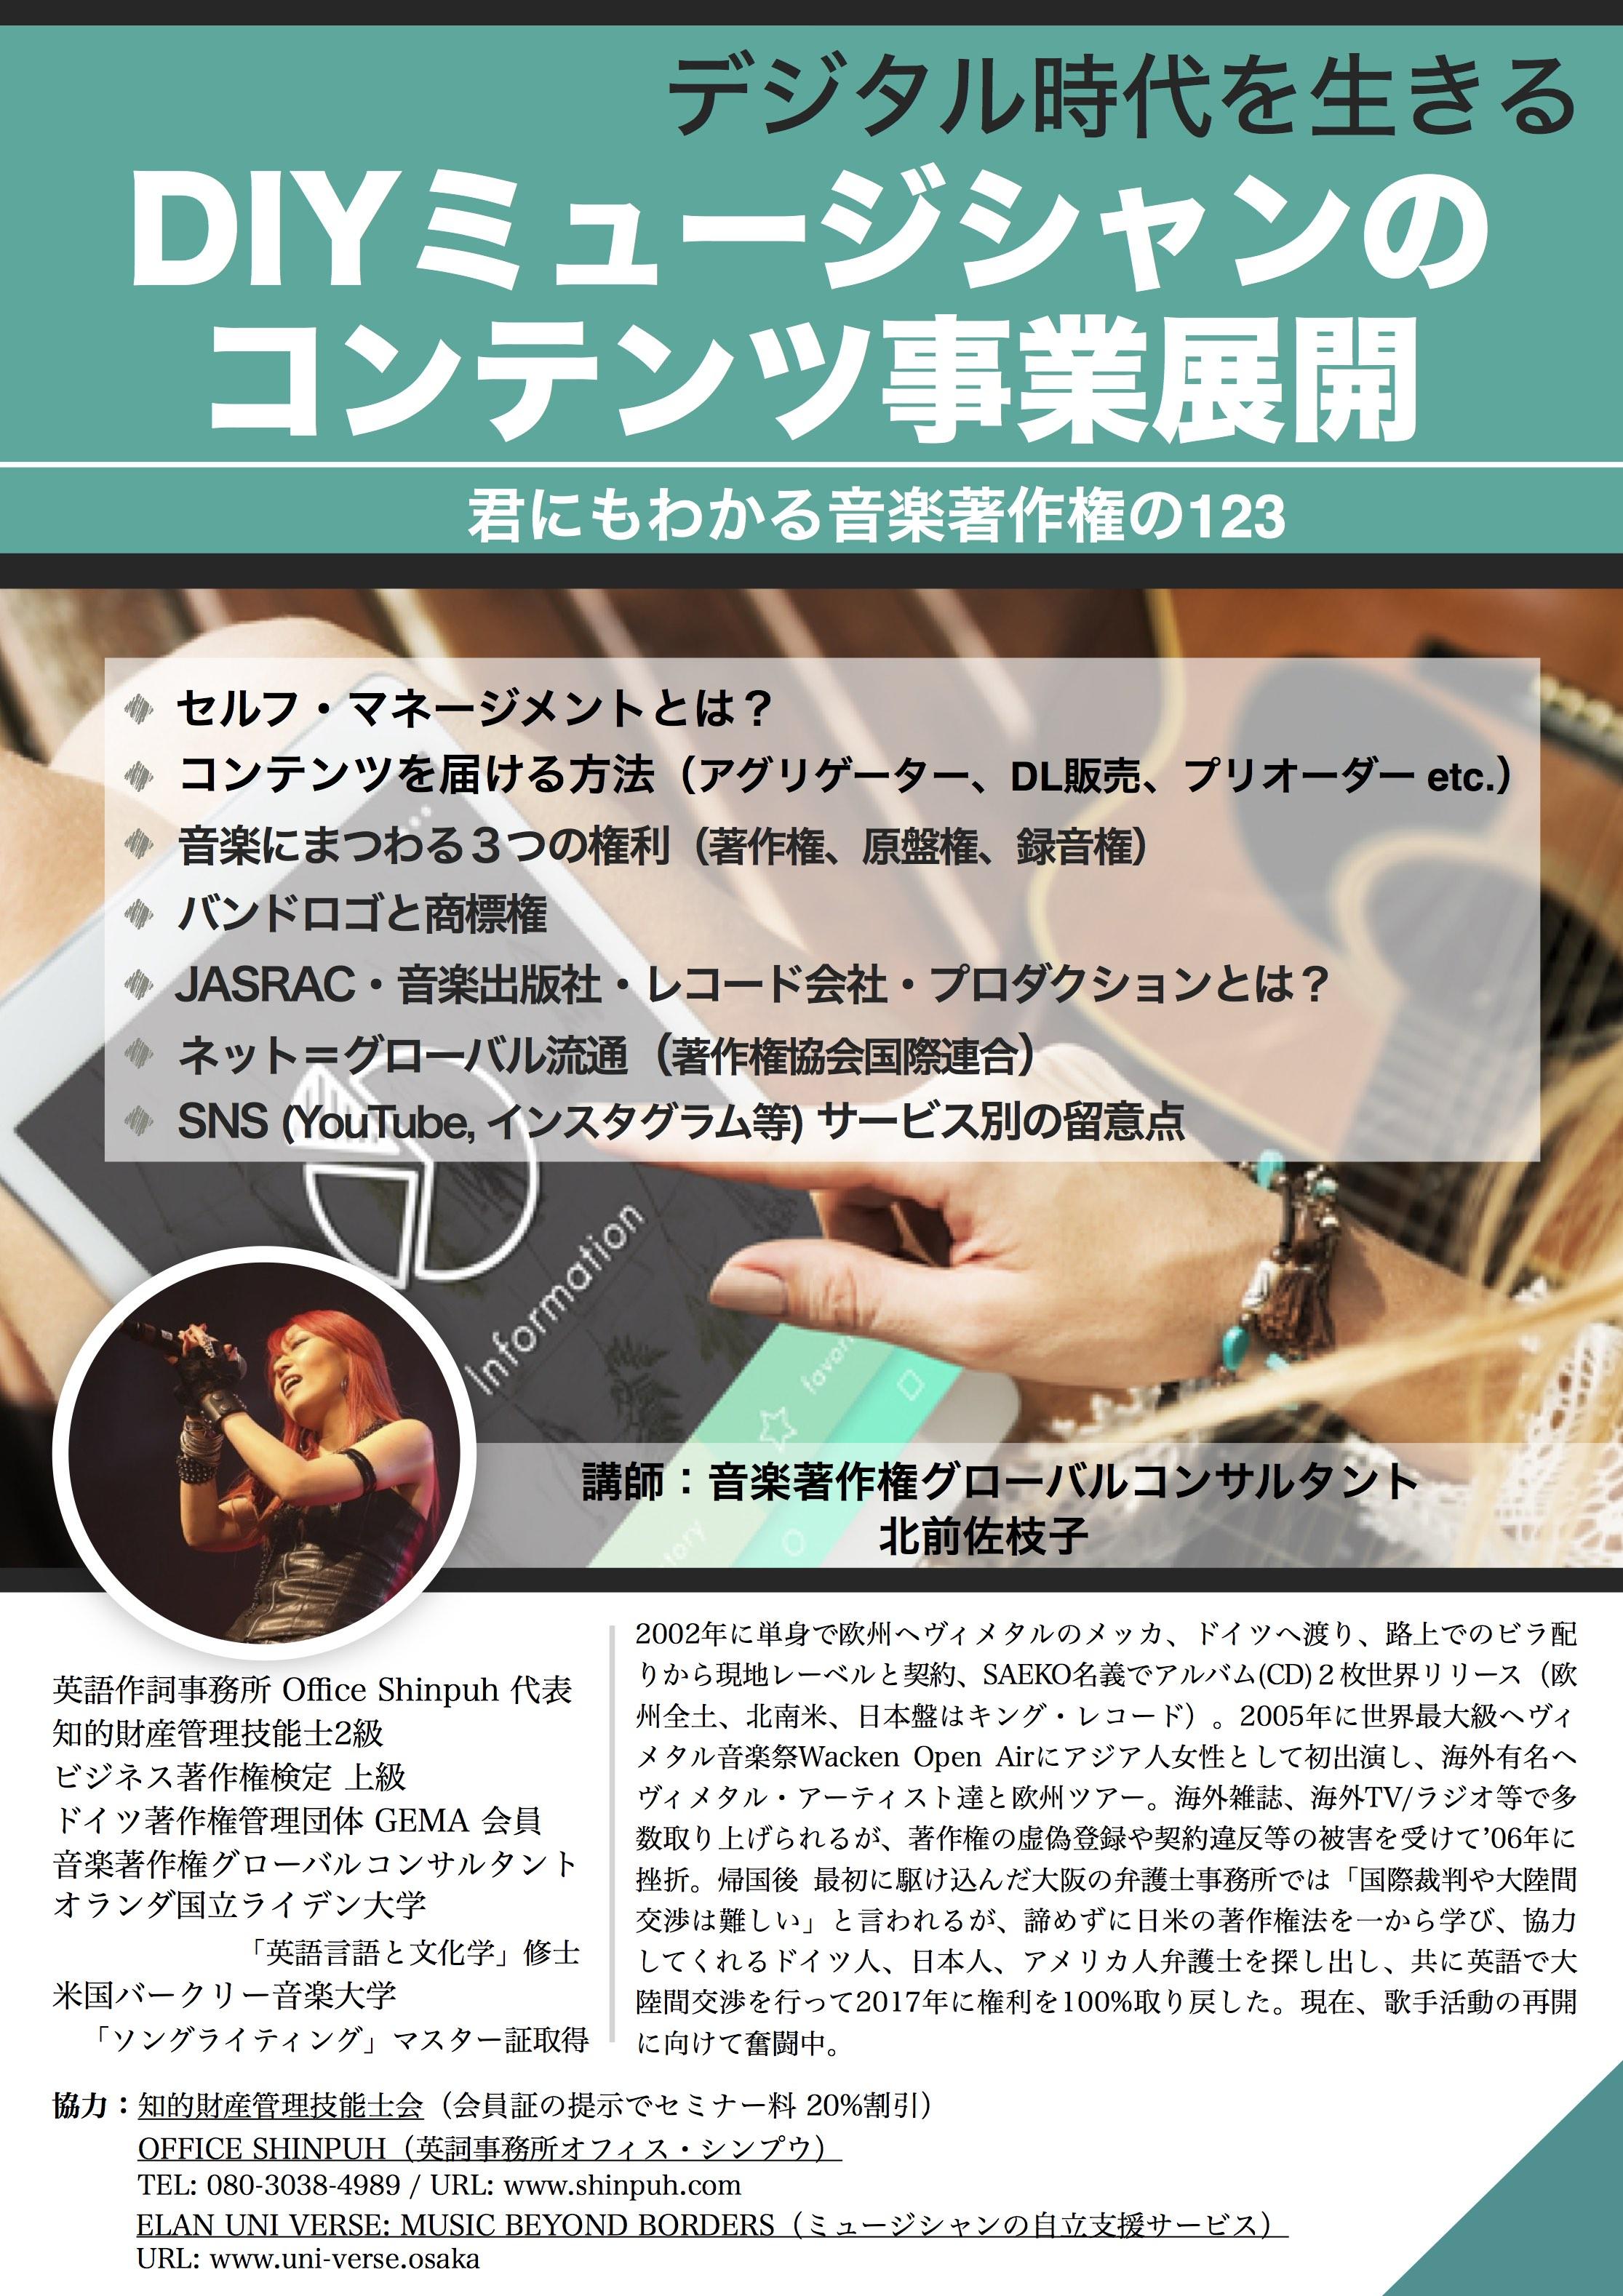 DIYミュージシャンのコンテンツ事業展開 〜君にもわかる音楽著作権の123〜